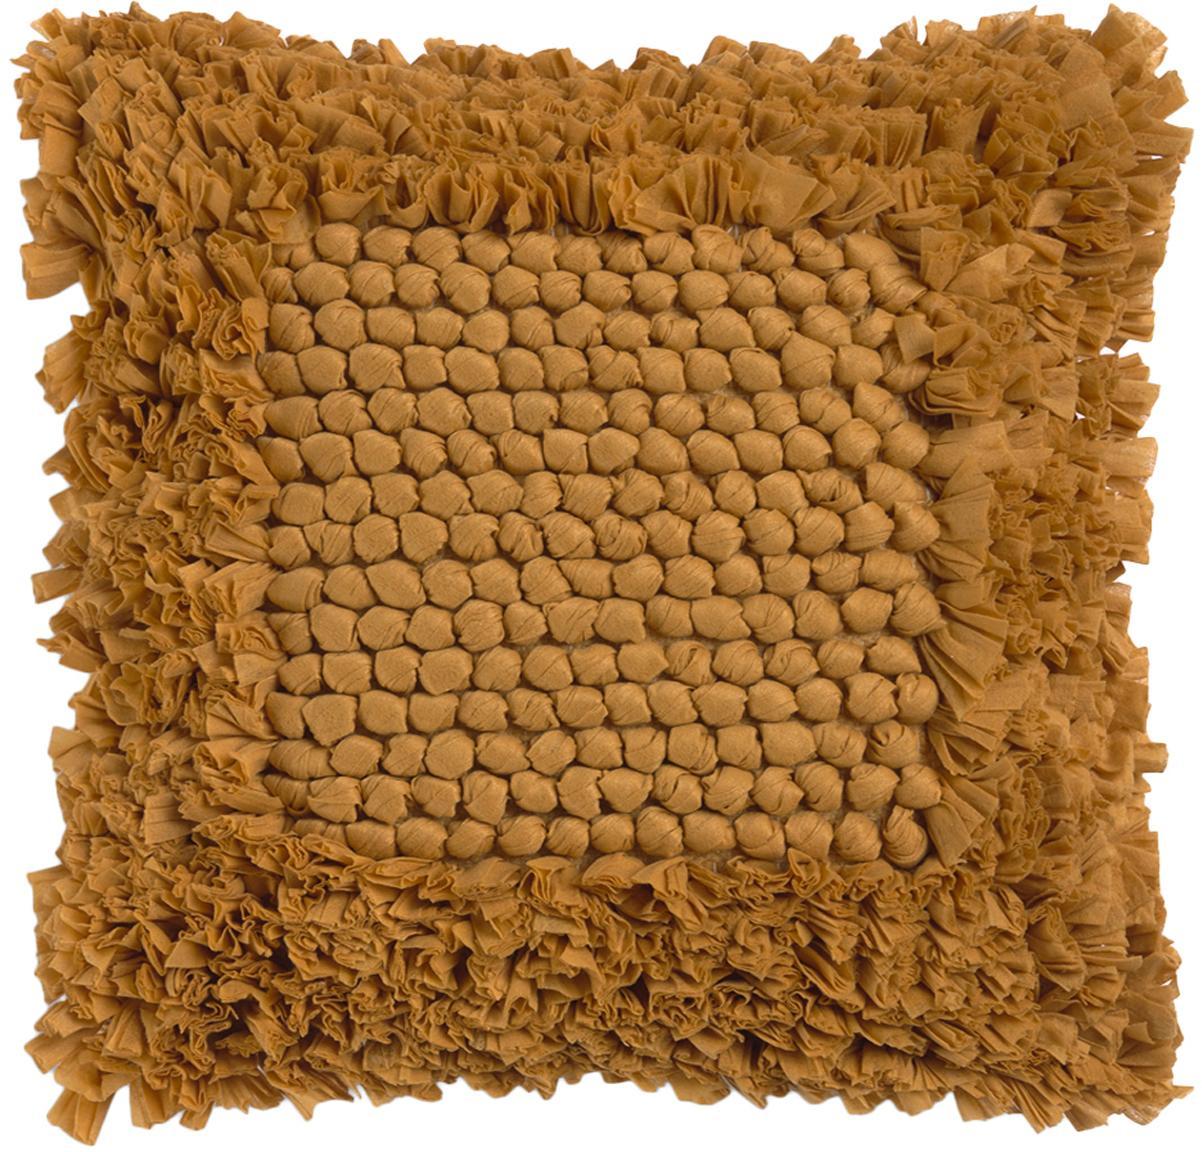 Federa arredo double face Aqia, 50% cotone, 50% poliestere, Giallo senape, Larg. 45 x Lung. 45 cm